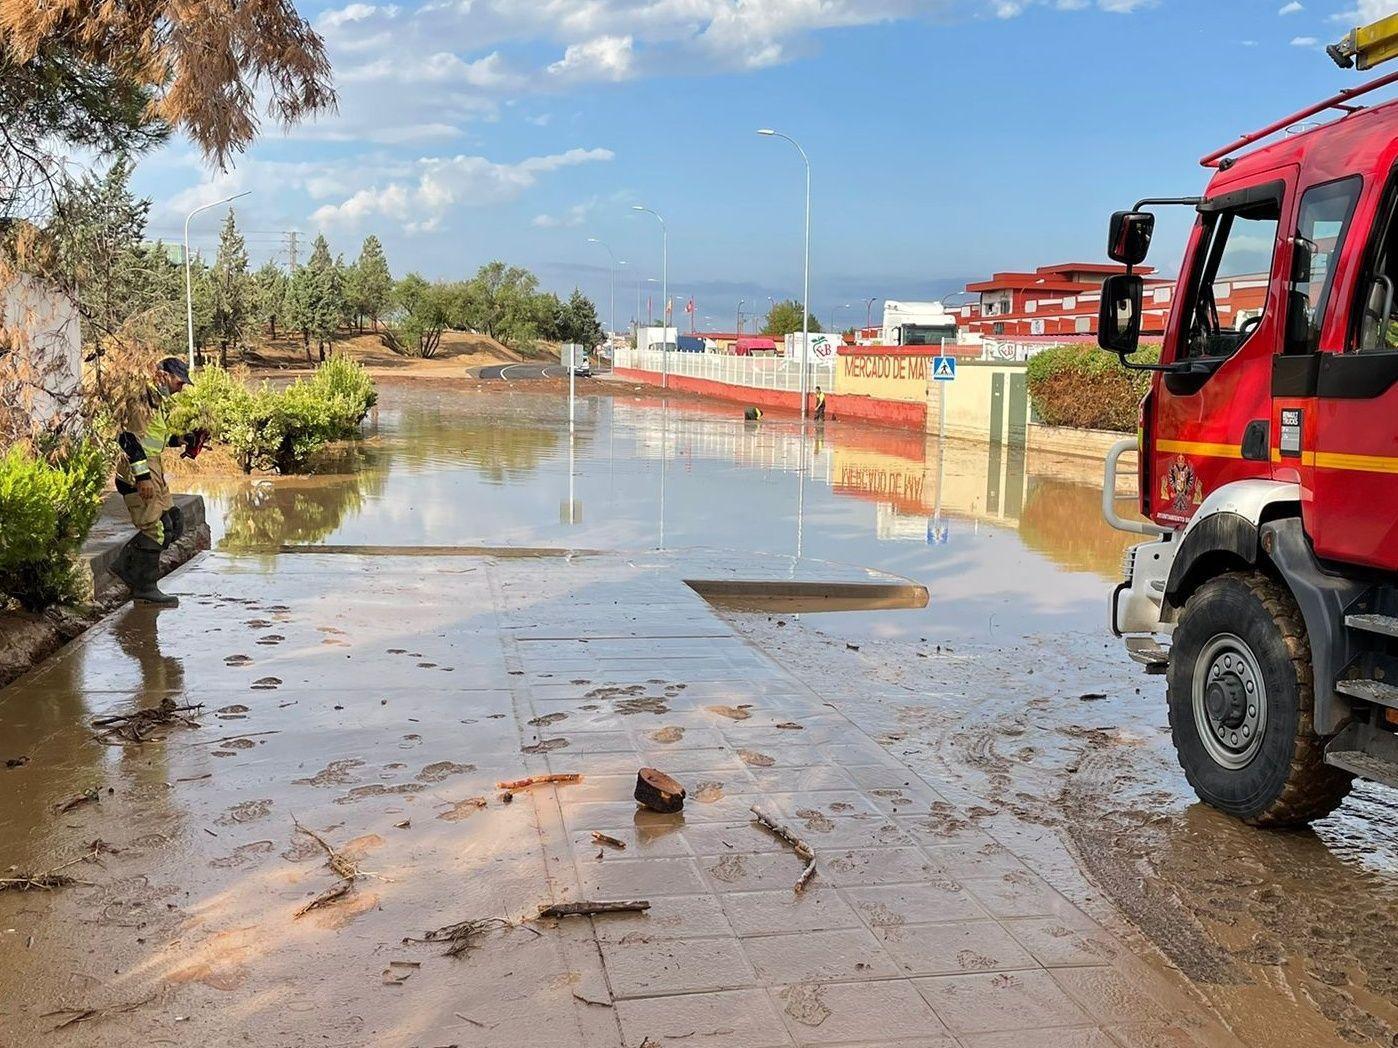 Paños (Cs) señala que los efectos de Filomena aumentan los daños causados por las tormentas y pide recursos extraordinarios para atajarlos cuanto antes